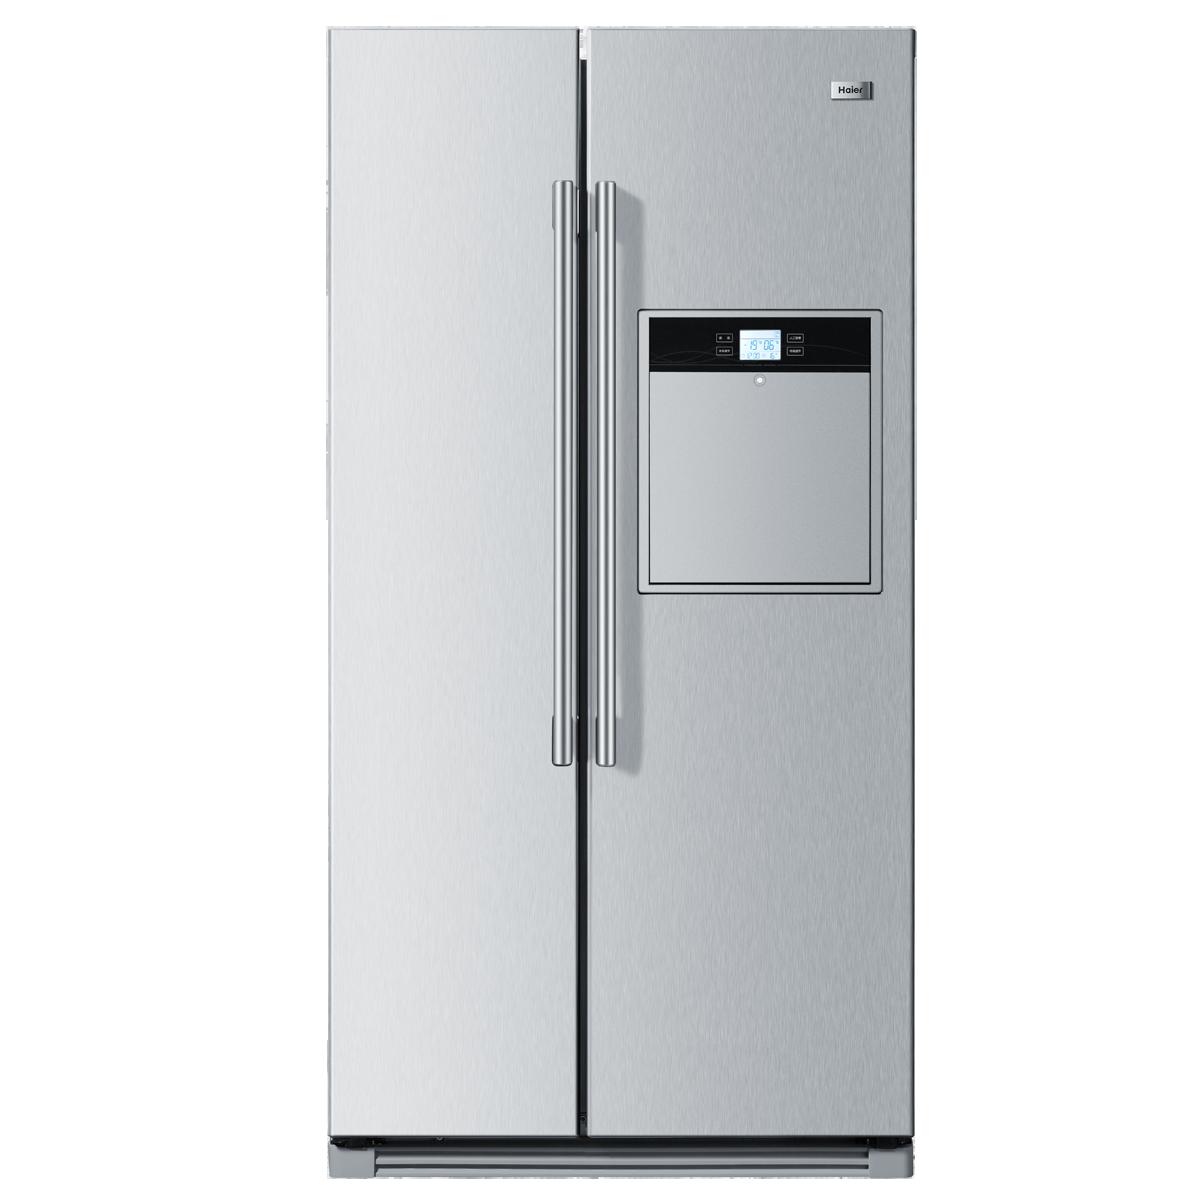 海尔双门或单门冰箱很好,家用冰箱的价格指南